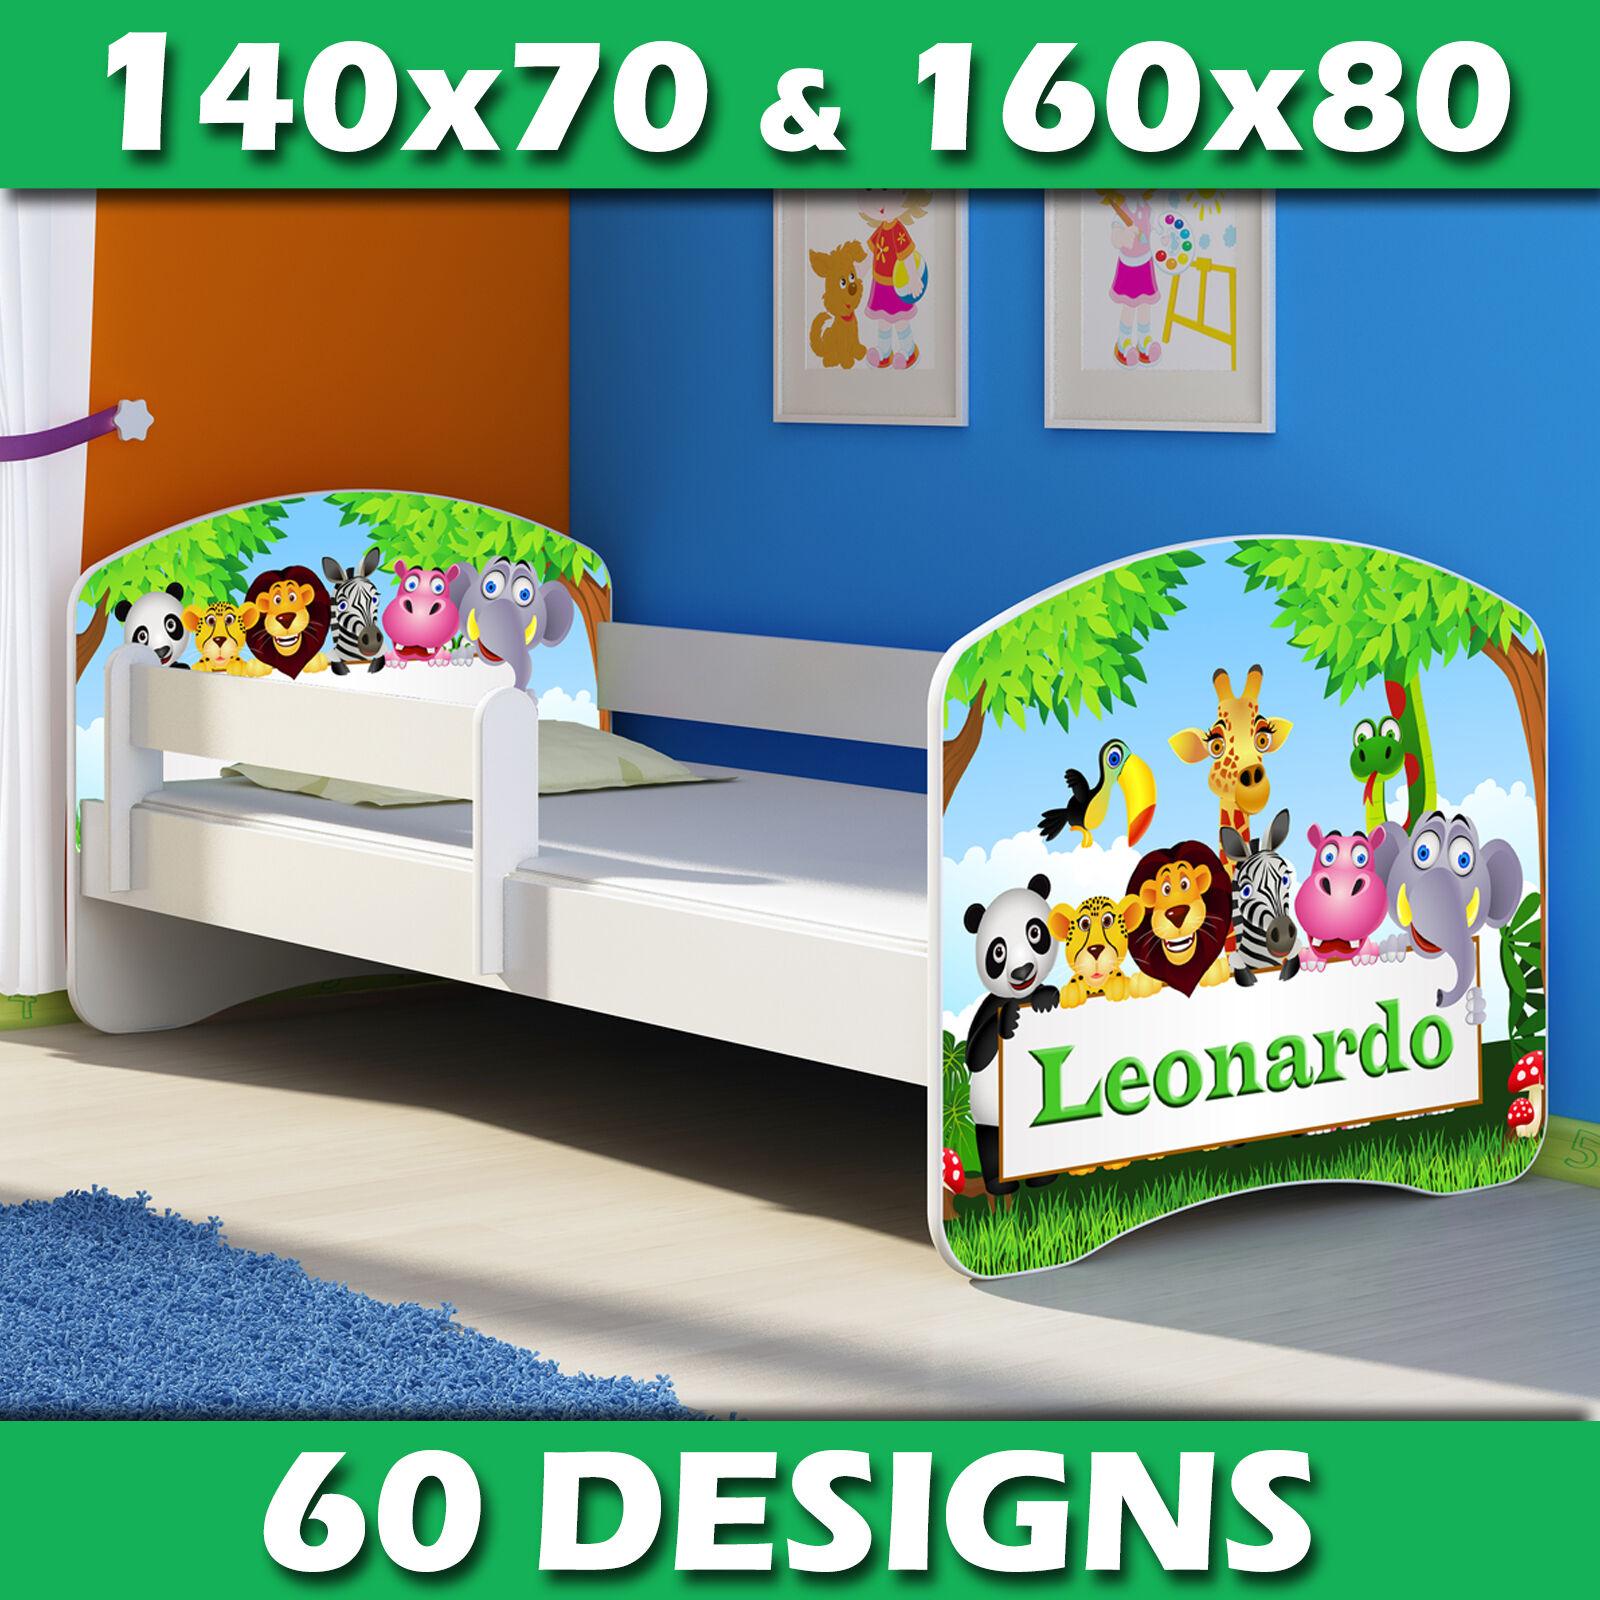 Lit enfant Bébé 140x70 160x80 + MATELAS + LIVRAISON GRATUITE BLANC